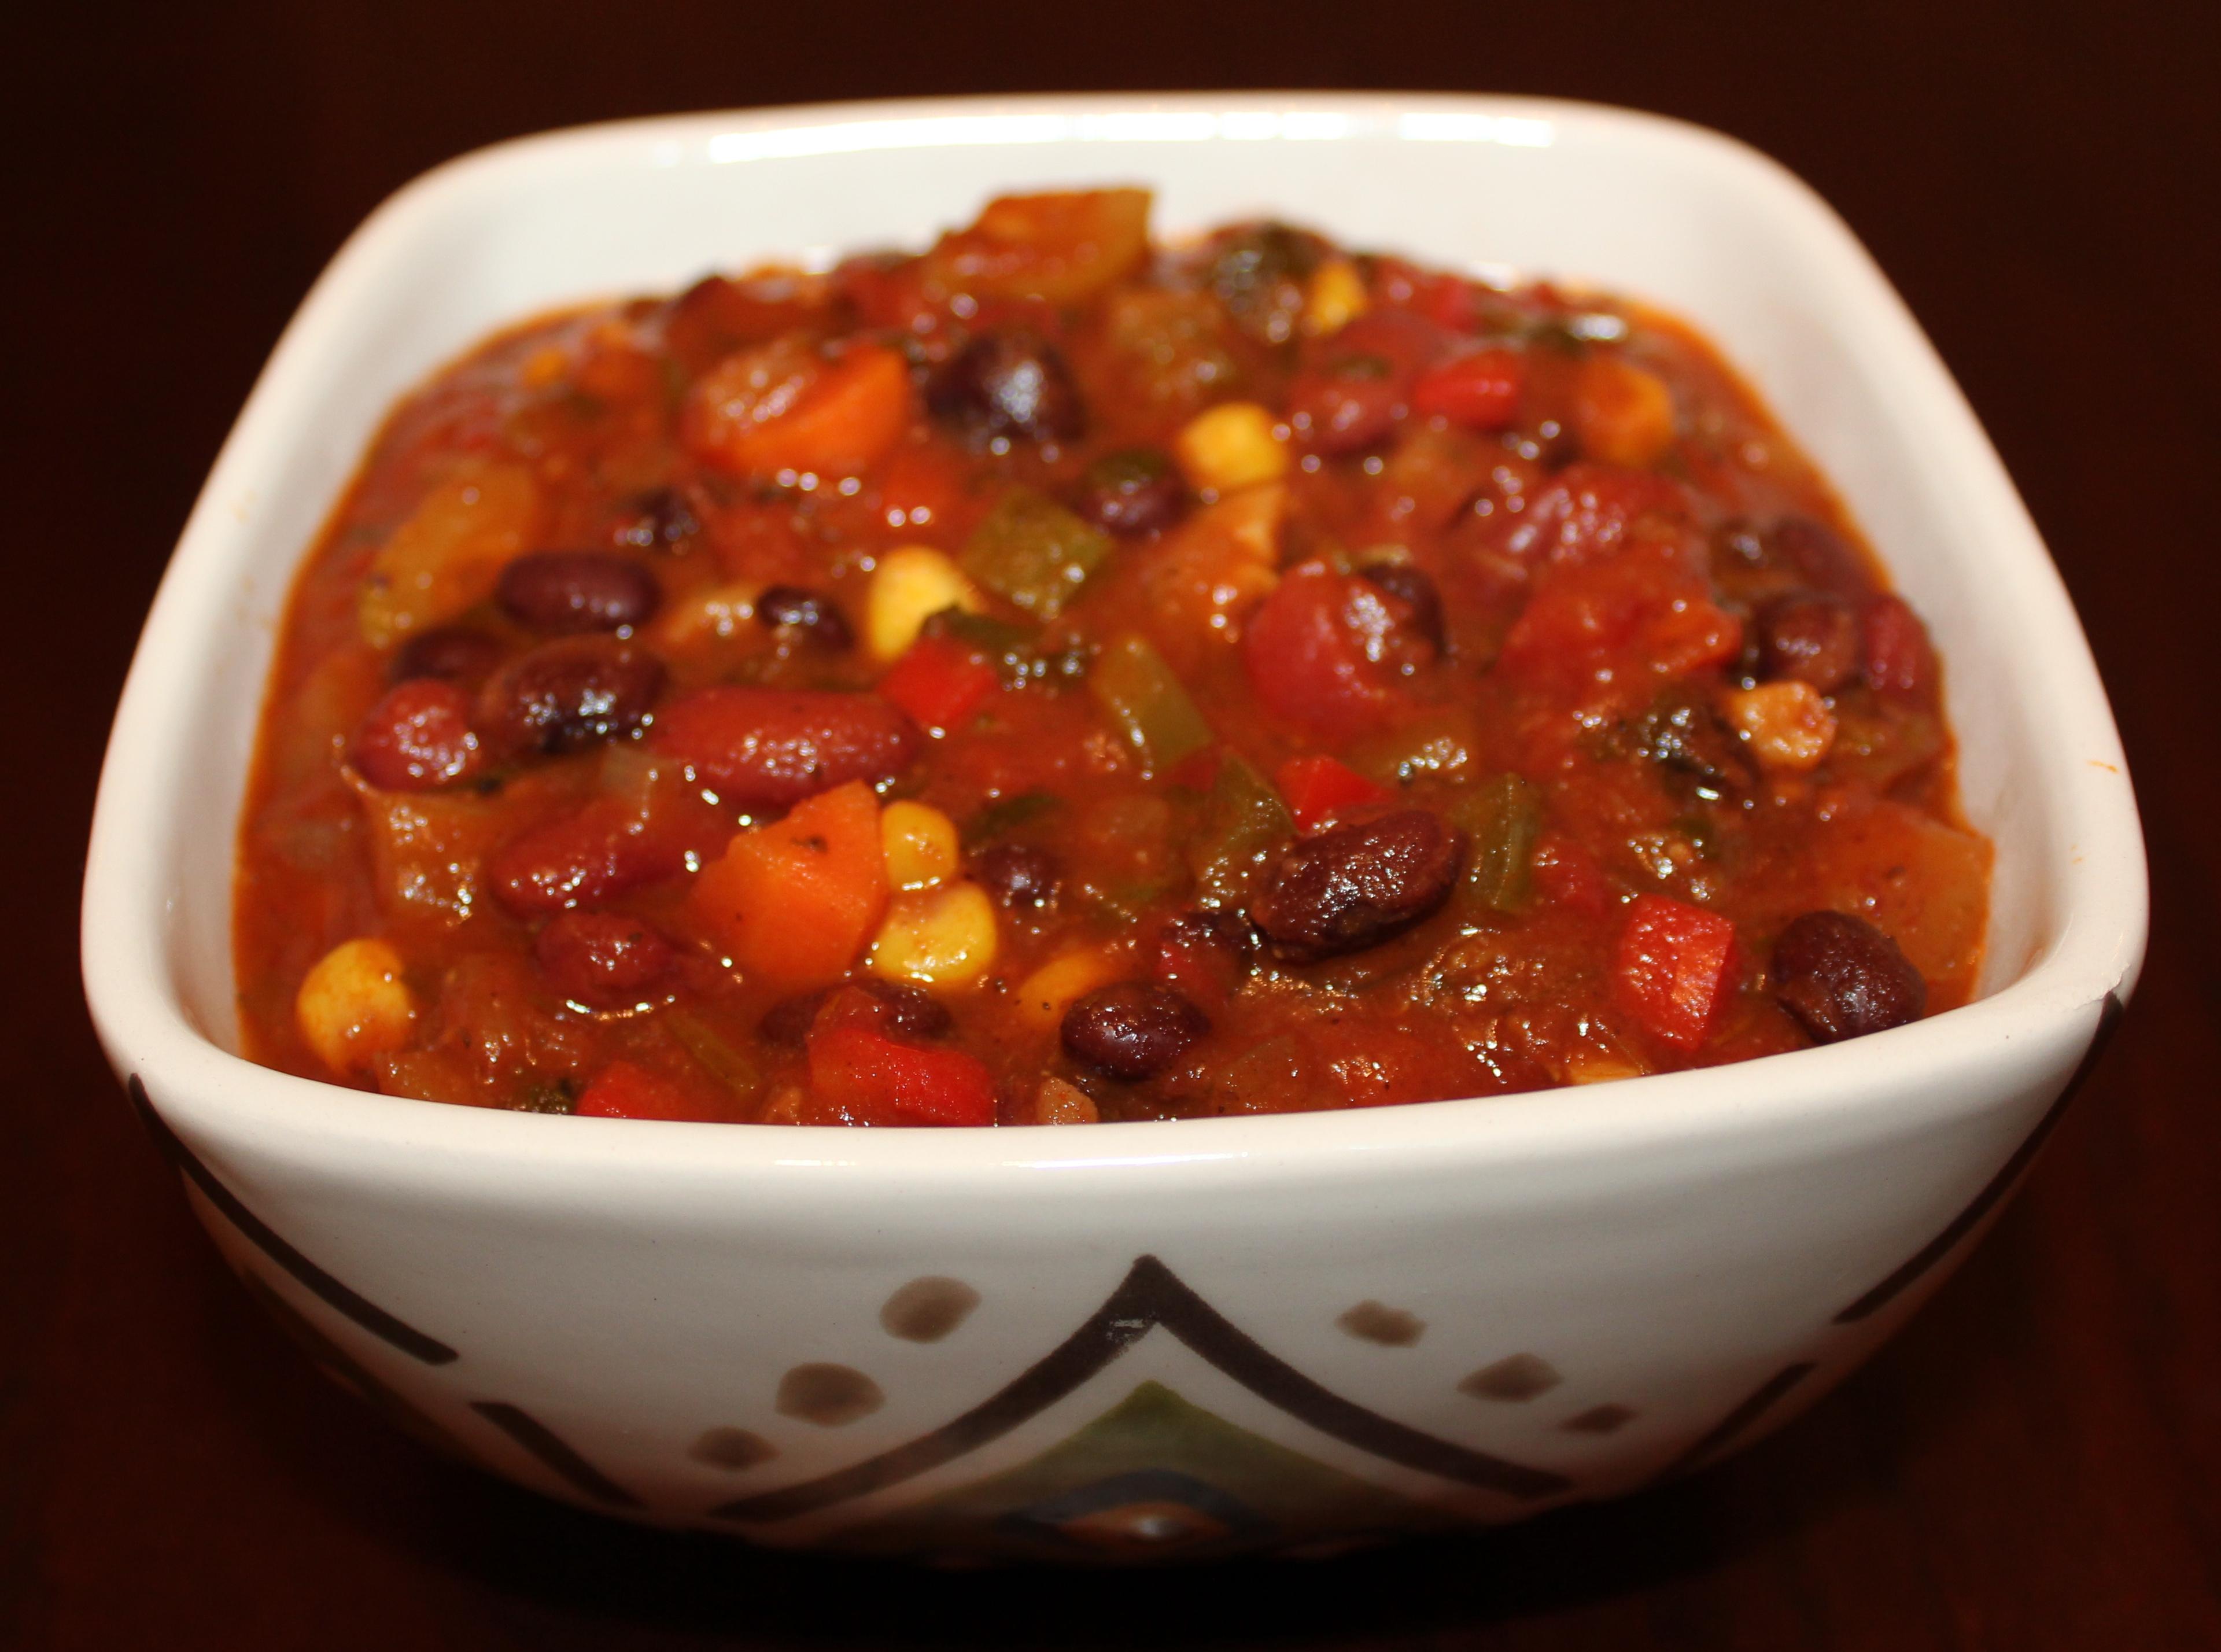 File:Spicy Veggie Chili.jpg - Wikimedia Commons